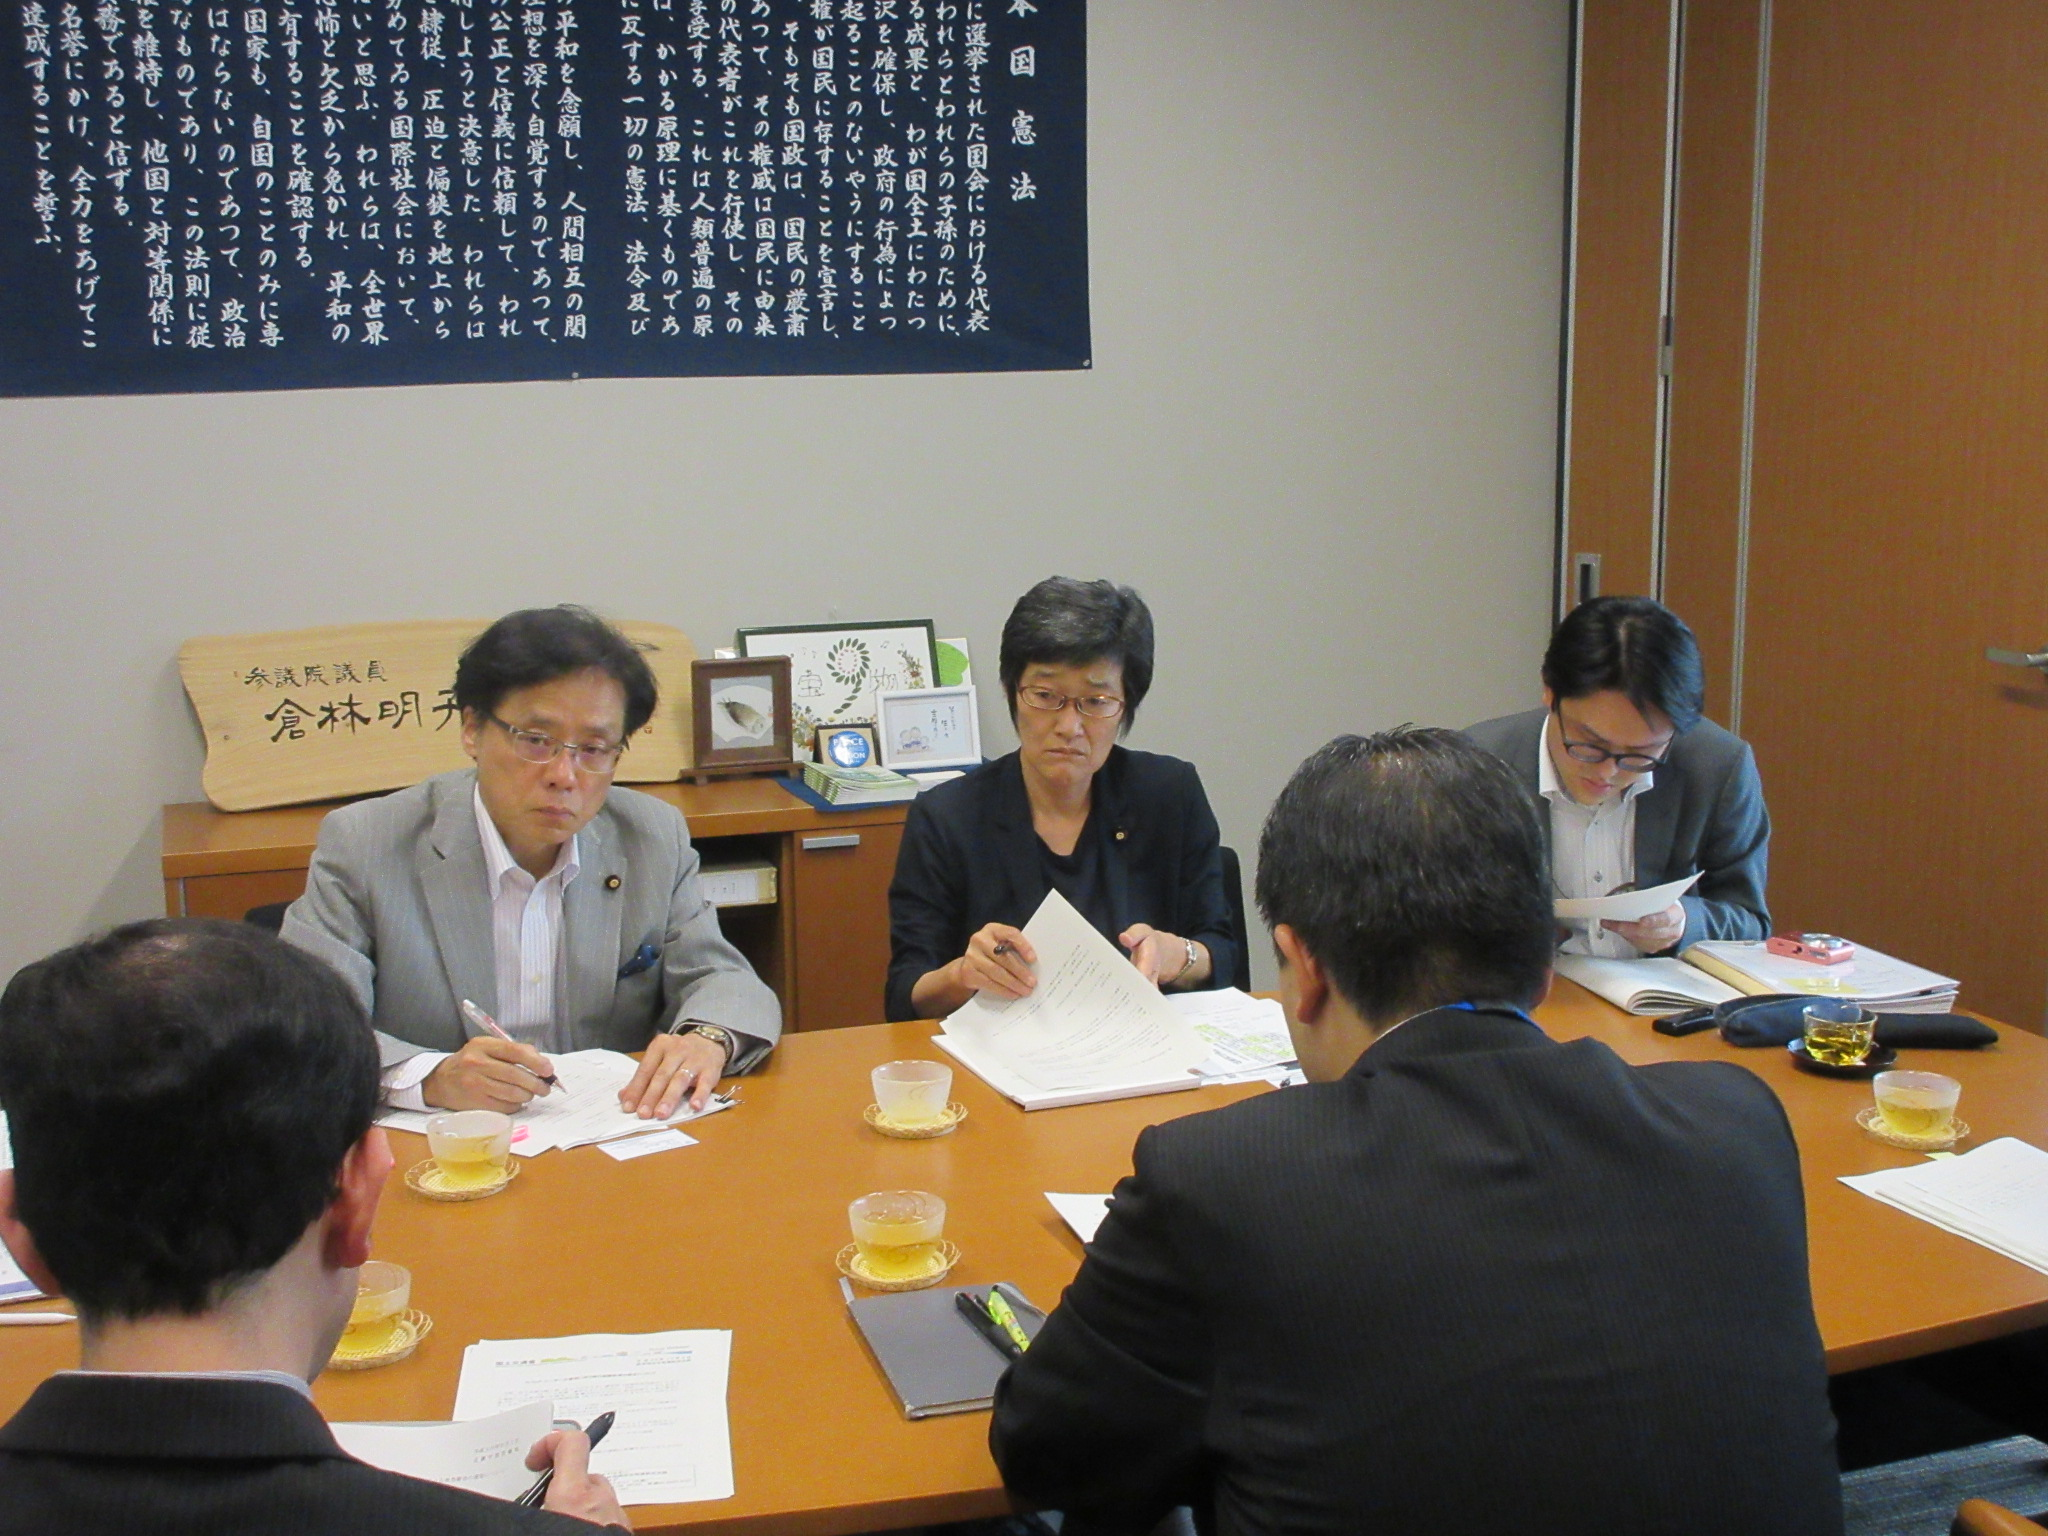 http://www.inoue-satoshi.com/diary/IMG_5254.JPG